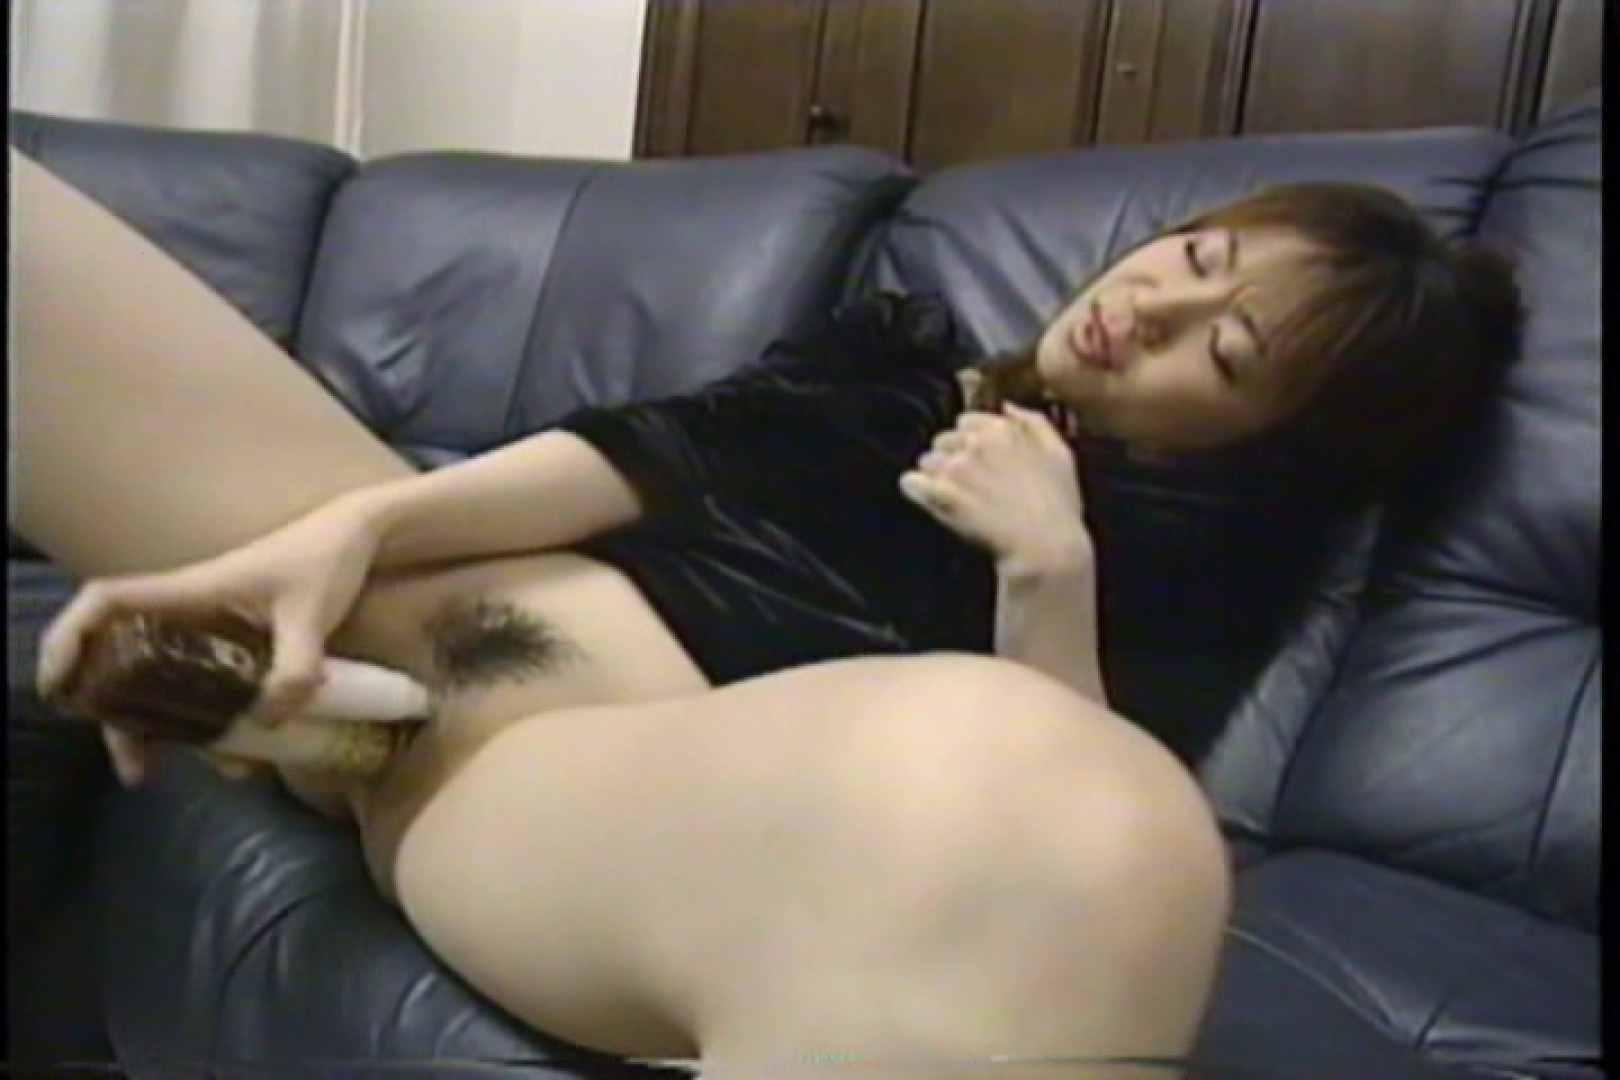 かわいい人妻、巨乳が疼いて止まらない~飯島れいか~ オナニー映像 おまんこ動画流出 93枚 57